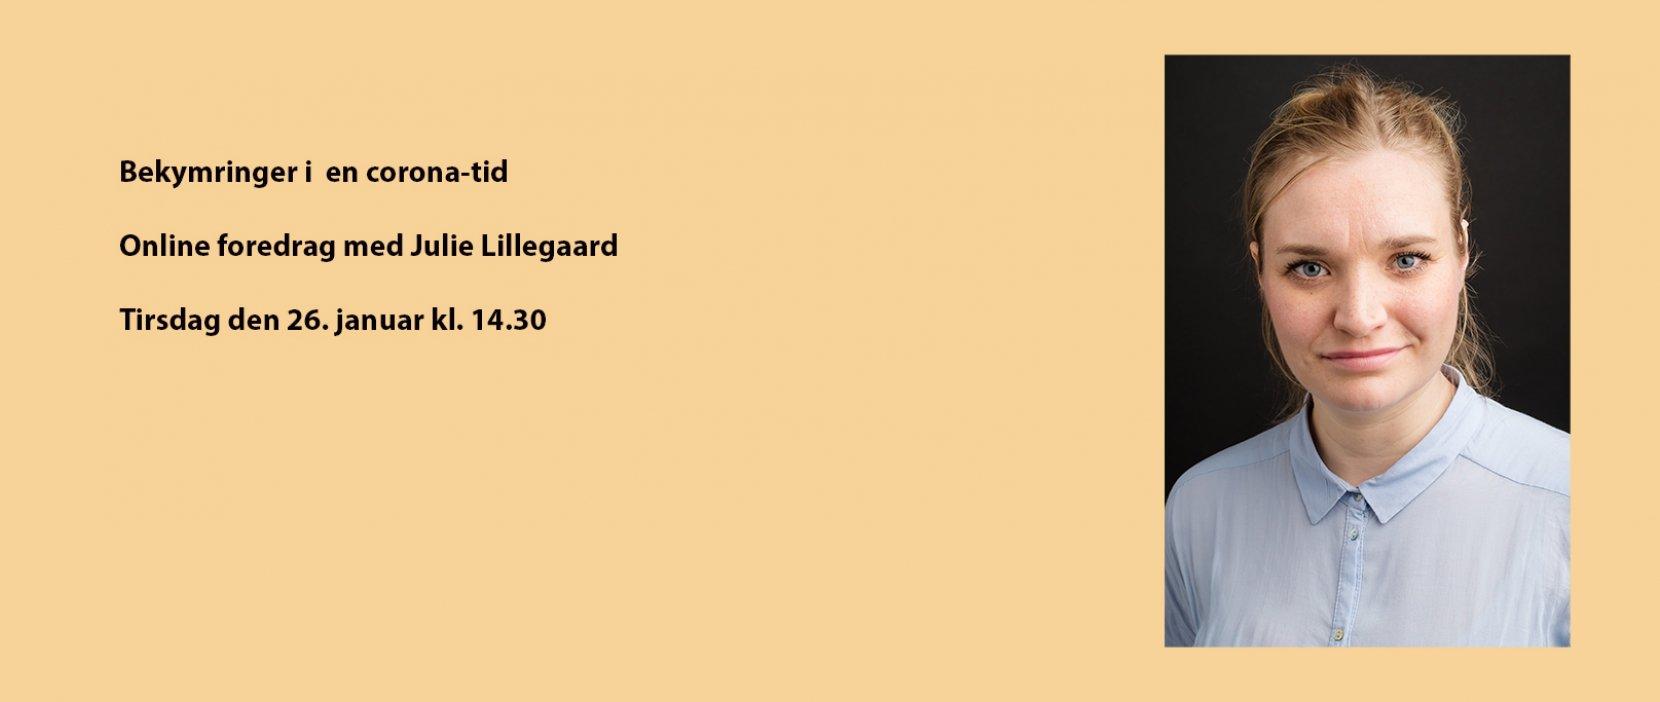 Foredrag med Julie Lillegaard